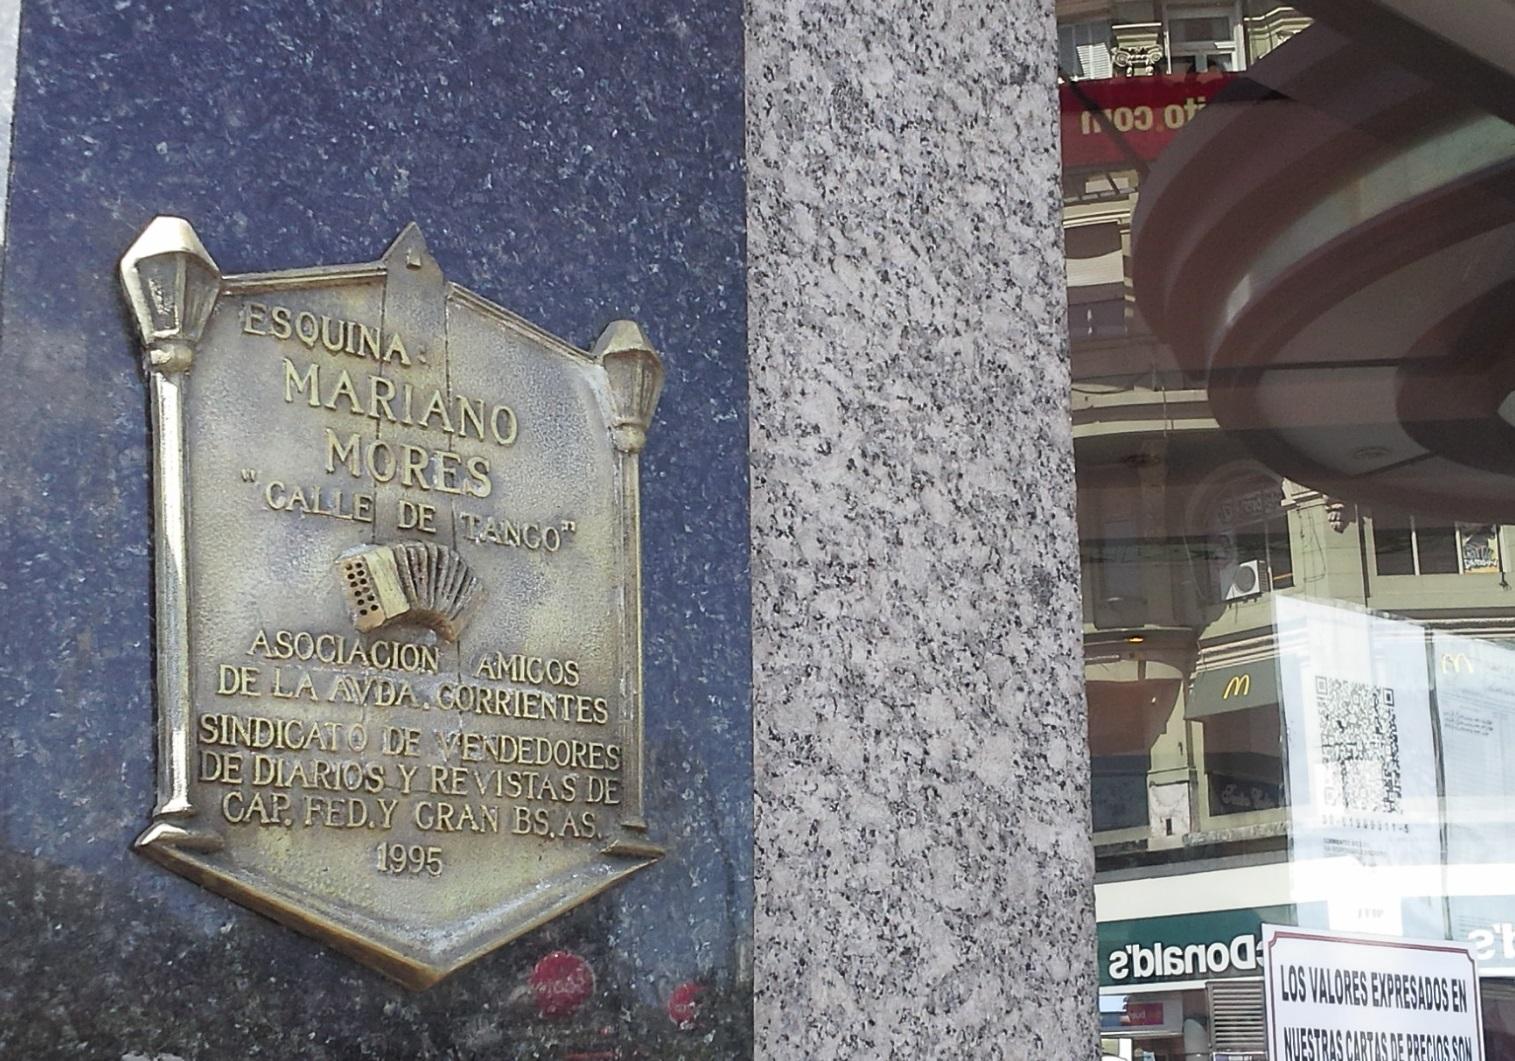 Esquina Mariano Mores en Buenos Aires (Carlos Pellegrini y Corrientes, a 50 metros de lugar donde se encontraba el bar donde tocó el piano por primera vez).